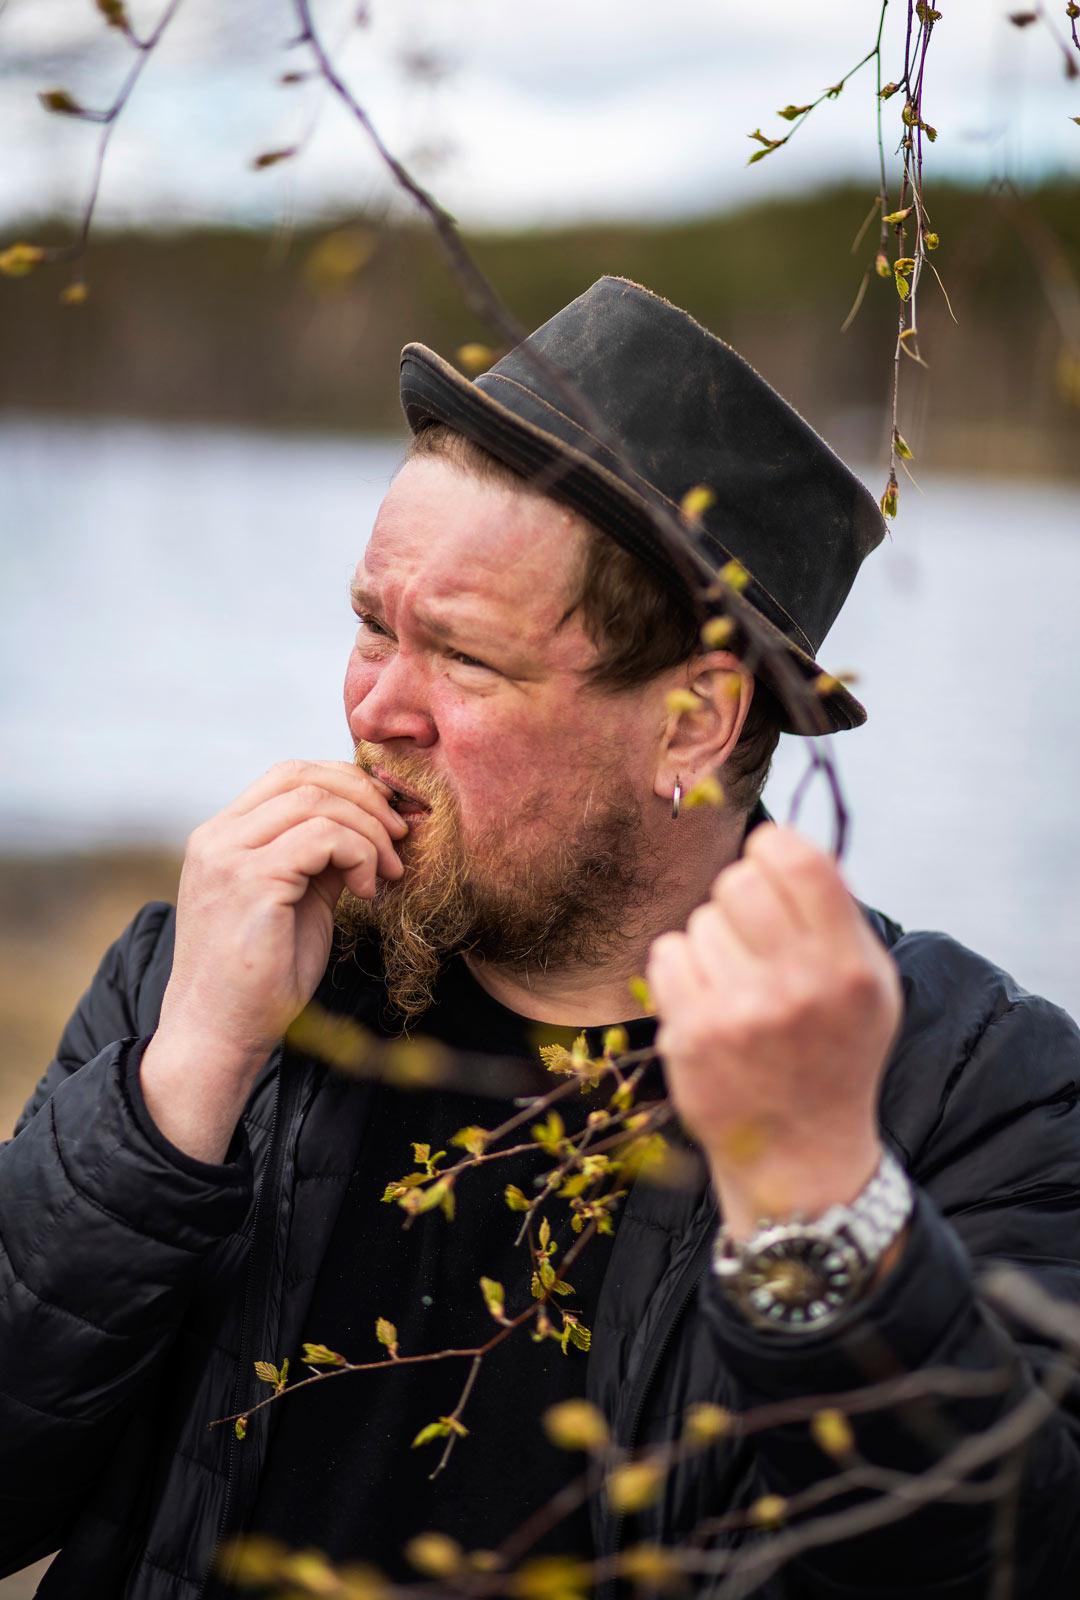 Mahlan lisäksi Ville Haapasalolle maistuvat myös koivun silmut. Nuoria koivunlehtiä hän käyttää yrttiteesekoituksiin.